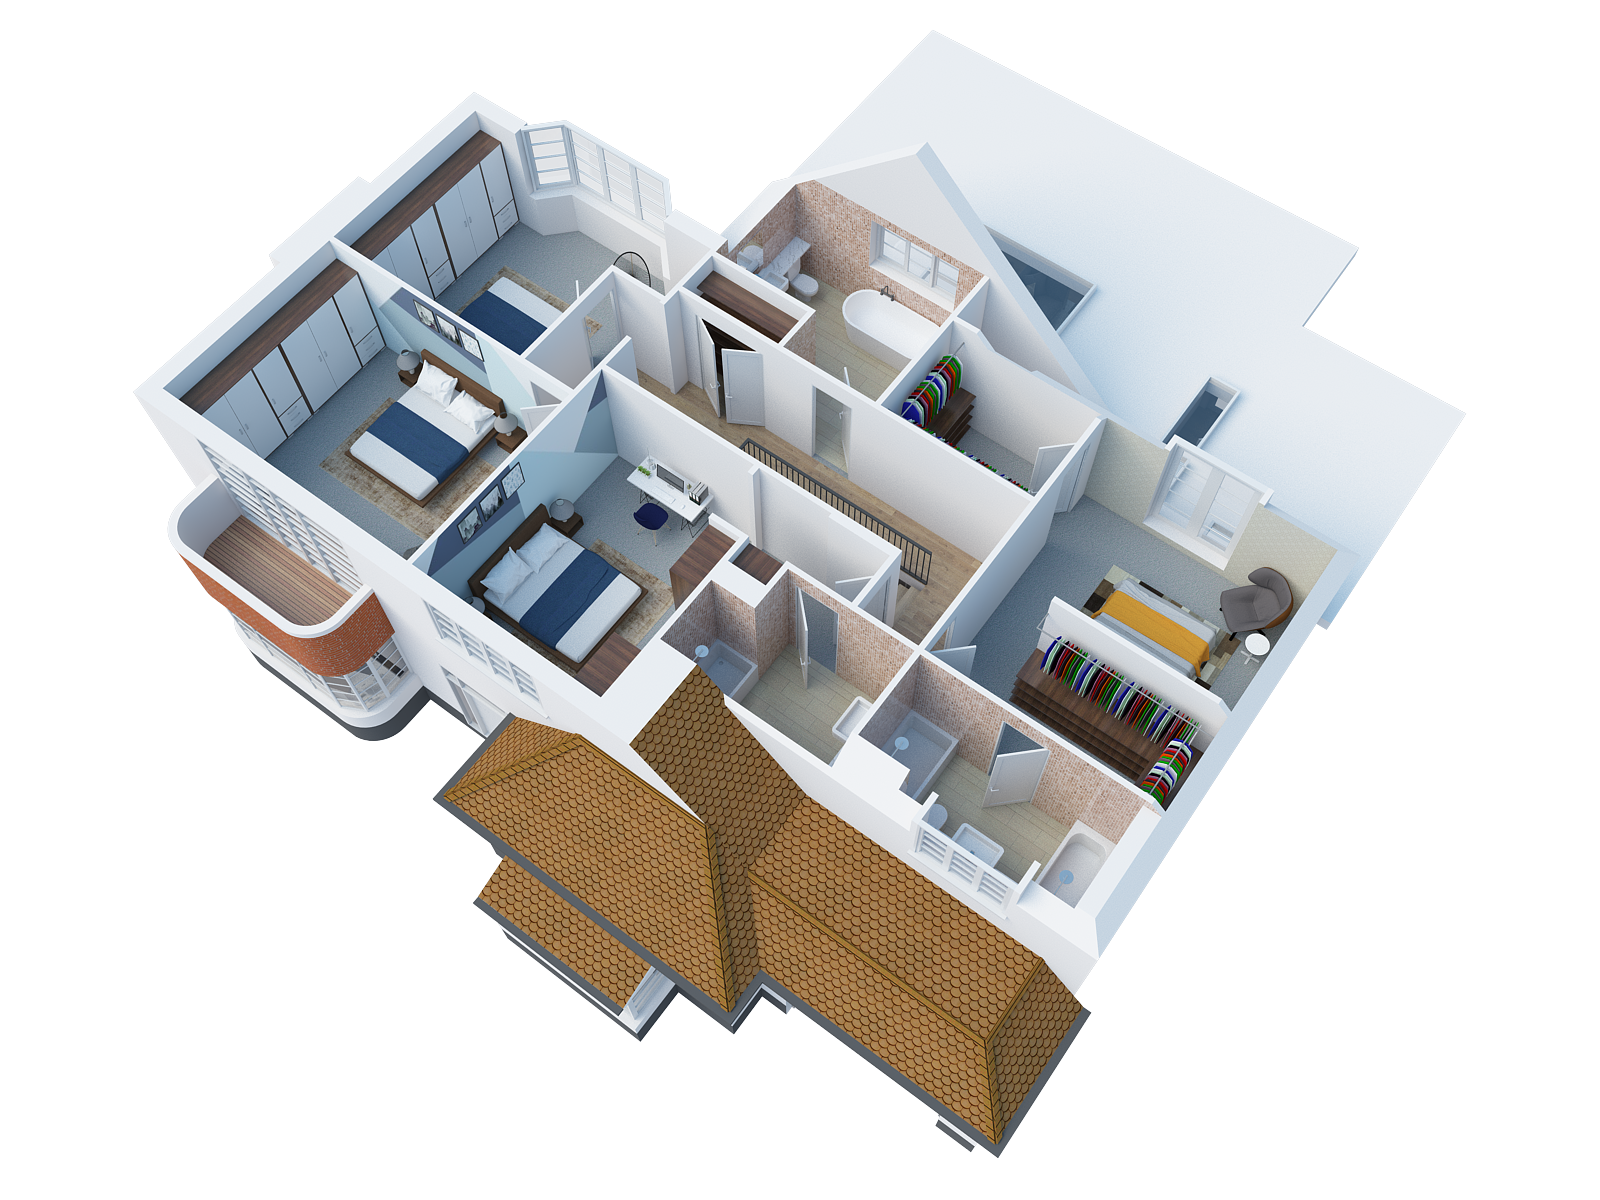 Architectural Desing in Goring Frist Floor 3D render.png